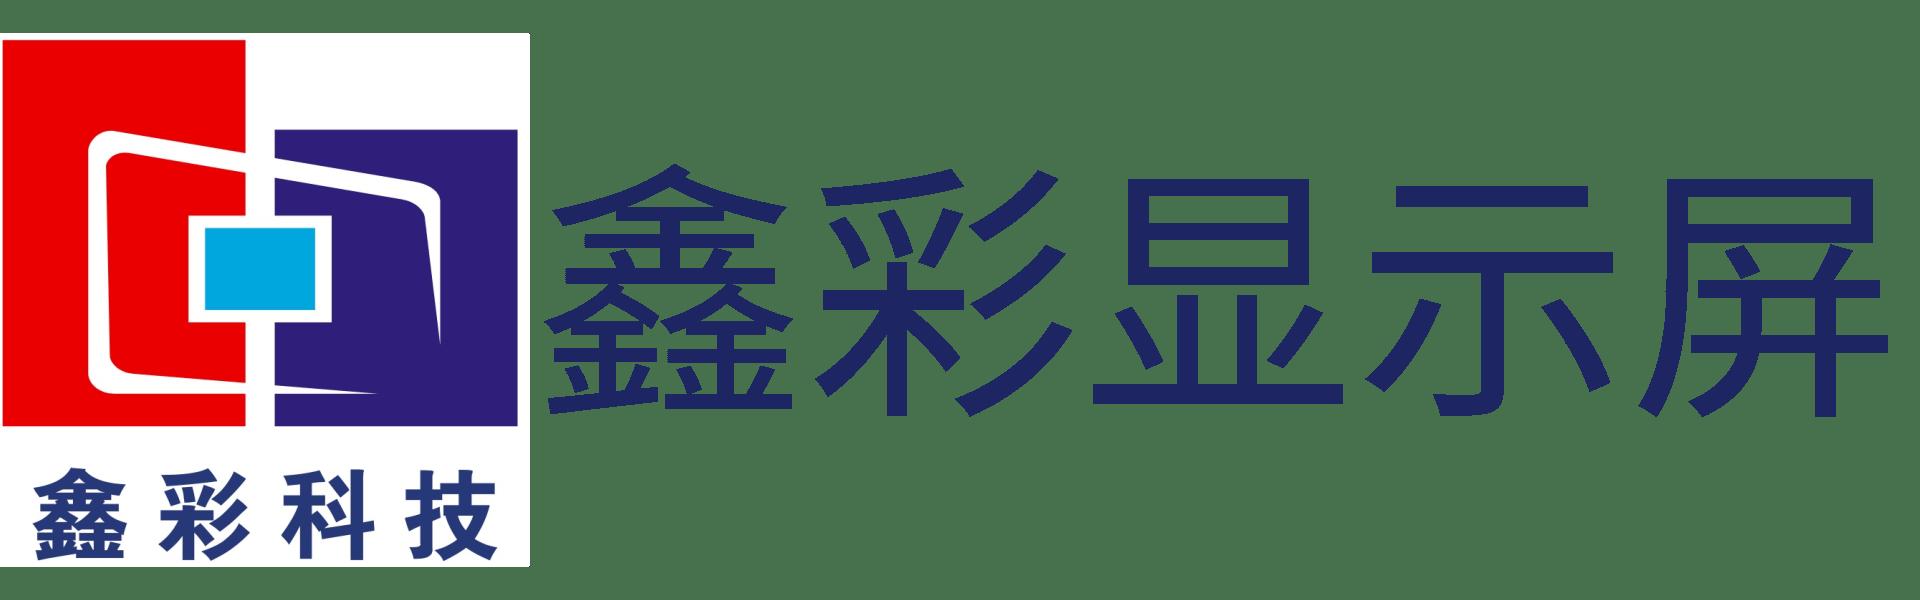 云南鑫彩科技有限公司